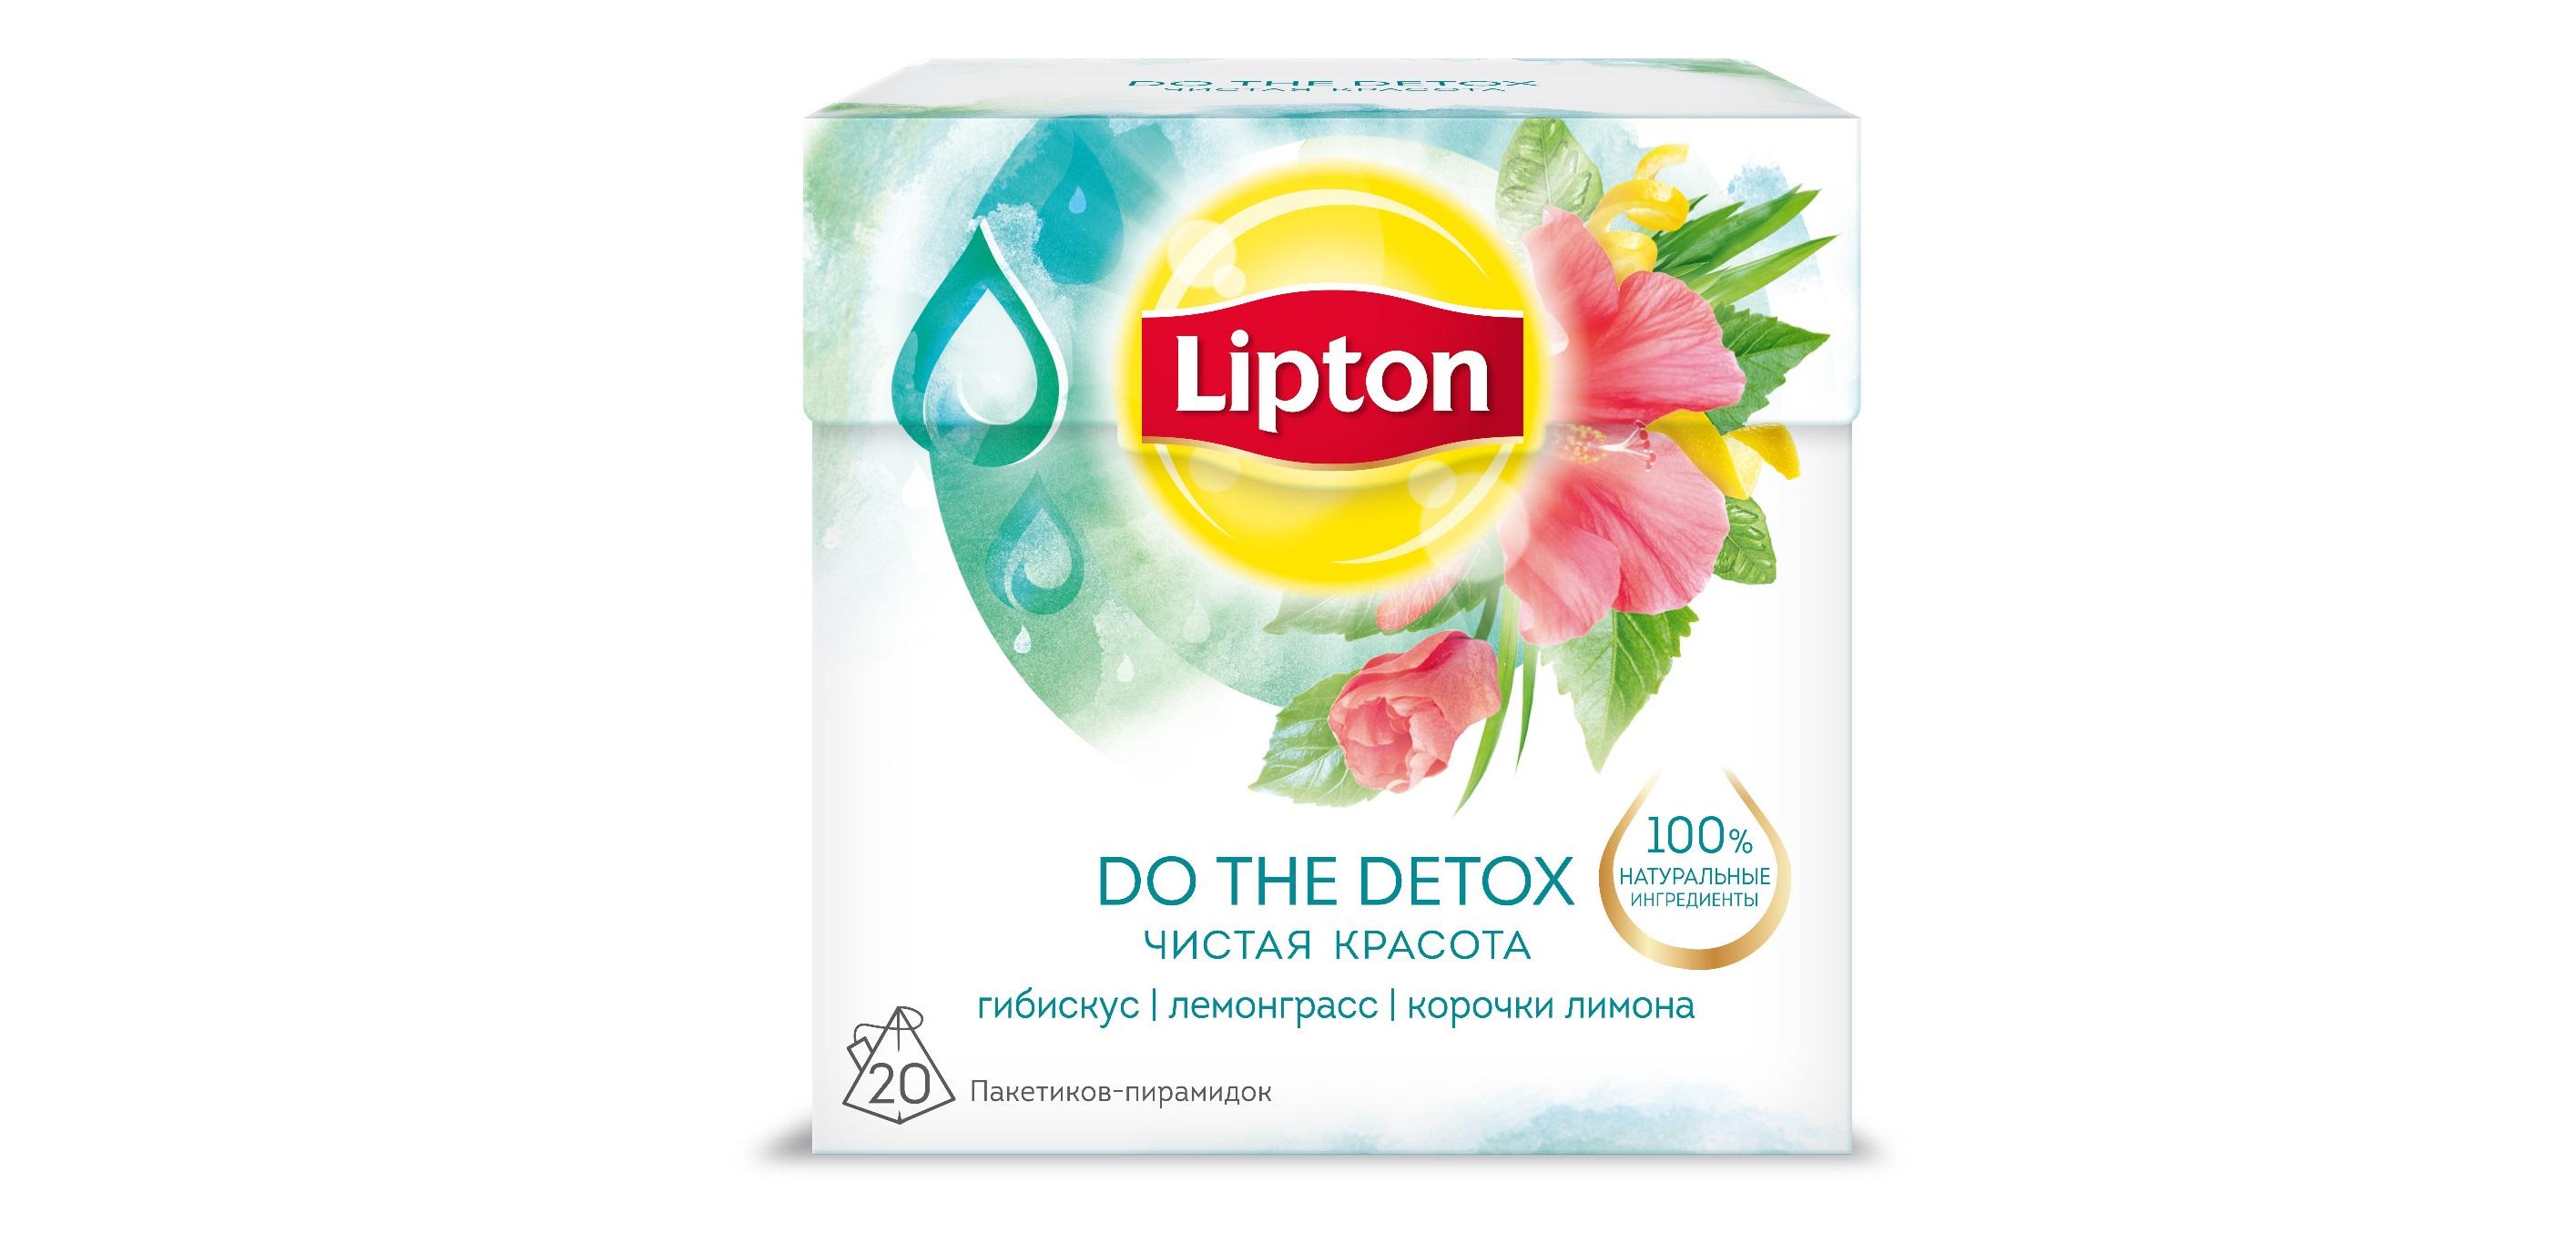 LiptonTeatonik_Detox_HibiscusLemongrassLemon_20bag_v12_FACE